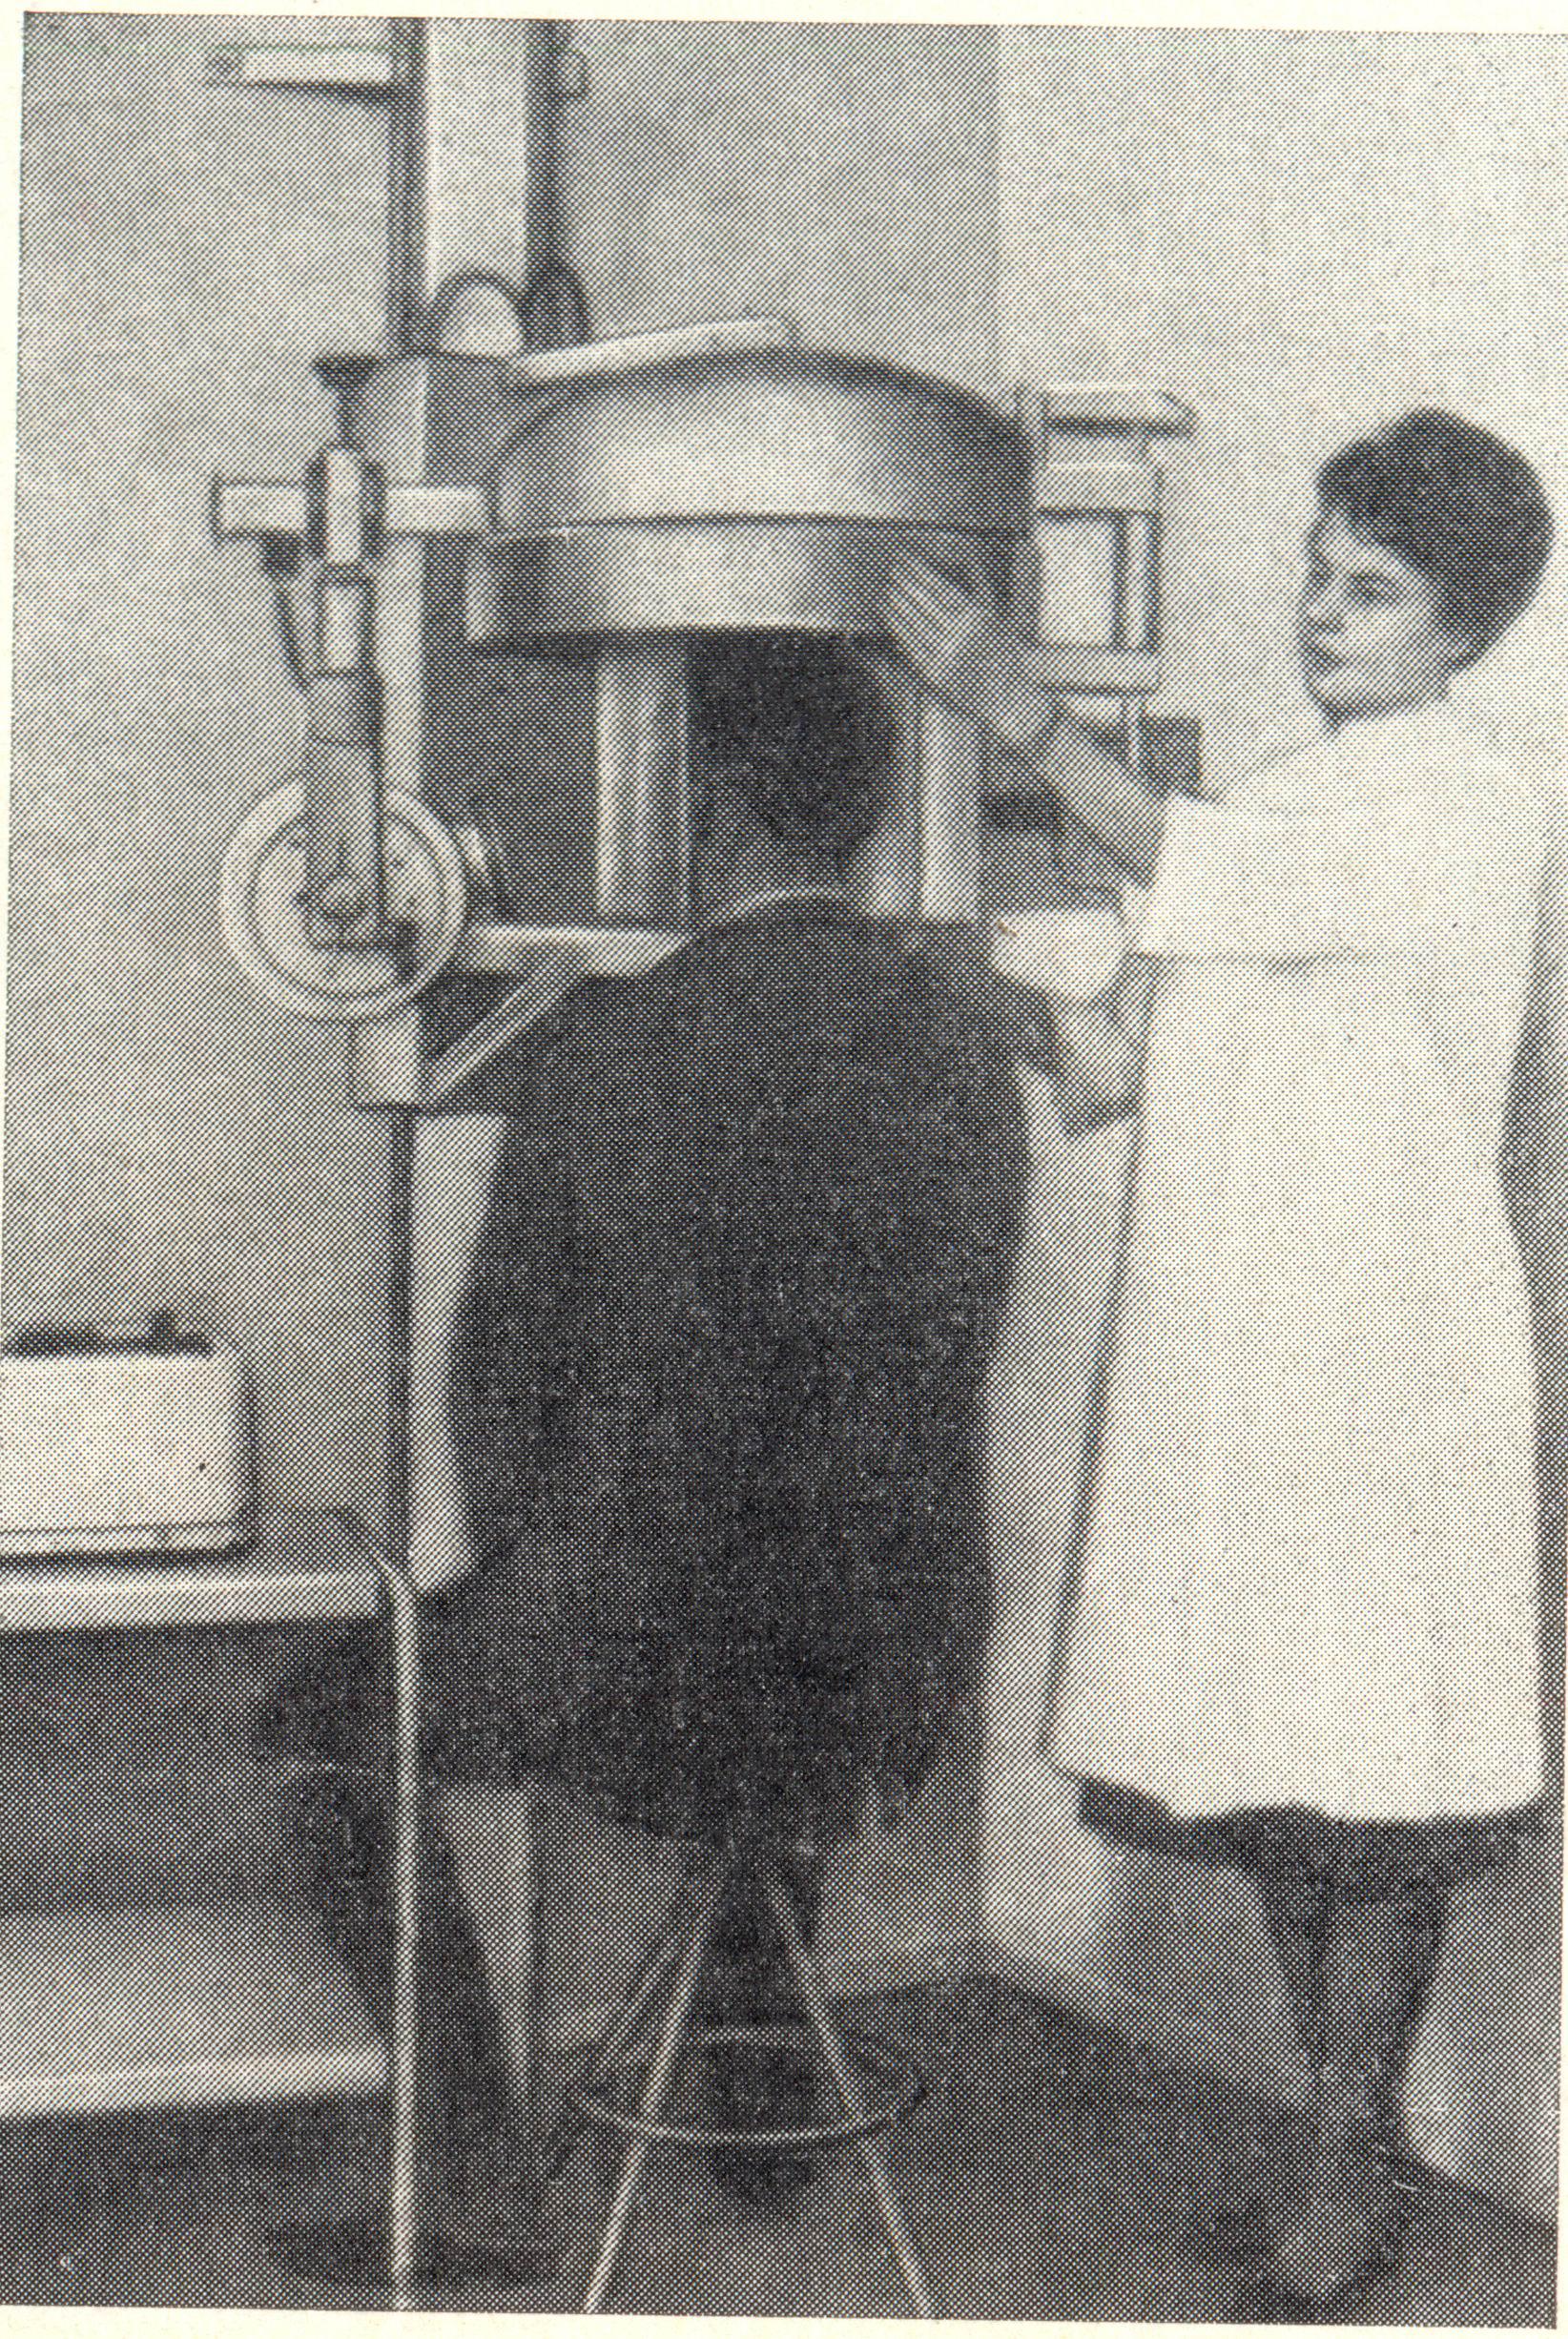 Рис. 3. Рабухина Н. А. Рентгенодиагностика некоторых заболеваний зубочелюстной системы (1974). (Рис. 27. Внешний вид аппарата «Ортопантомограф» для панорамной рентгенографии черепа.)